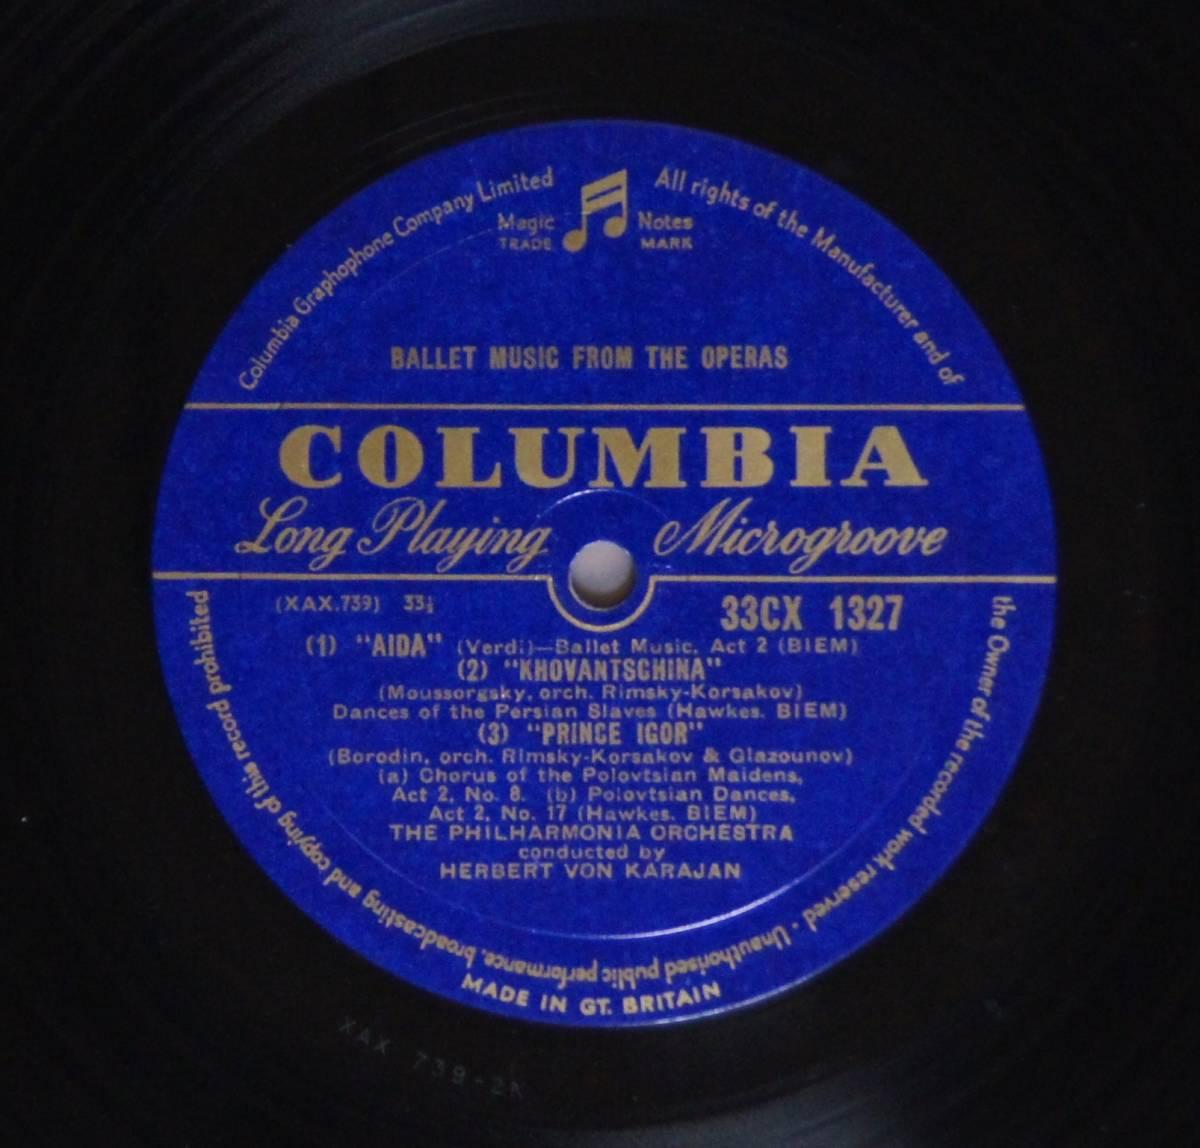 ヘルベルト・フォン・カラヤン/フィルハーモニア管弦楽団【33CX 1327 キズ盤】「オペラ・バレエ音楽集」_画像3